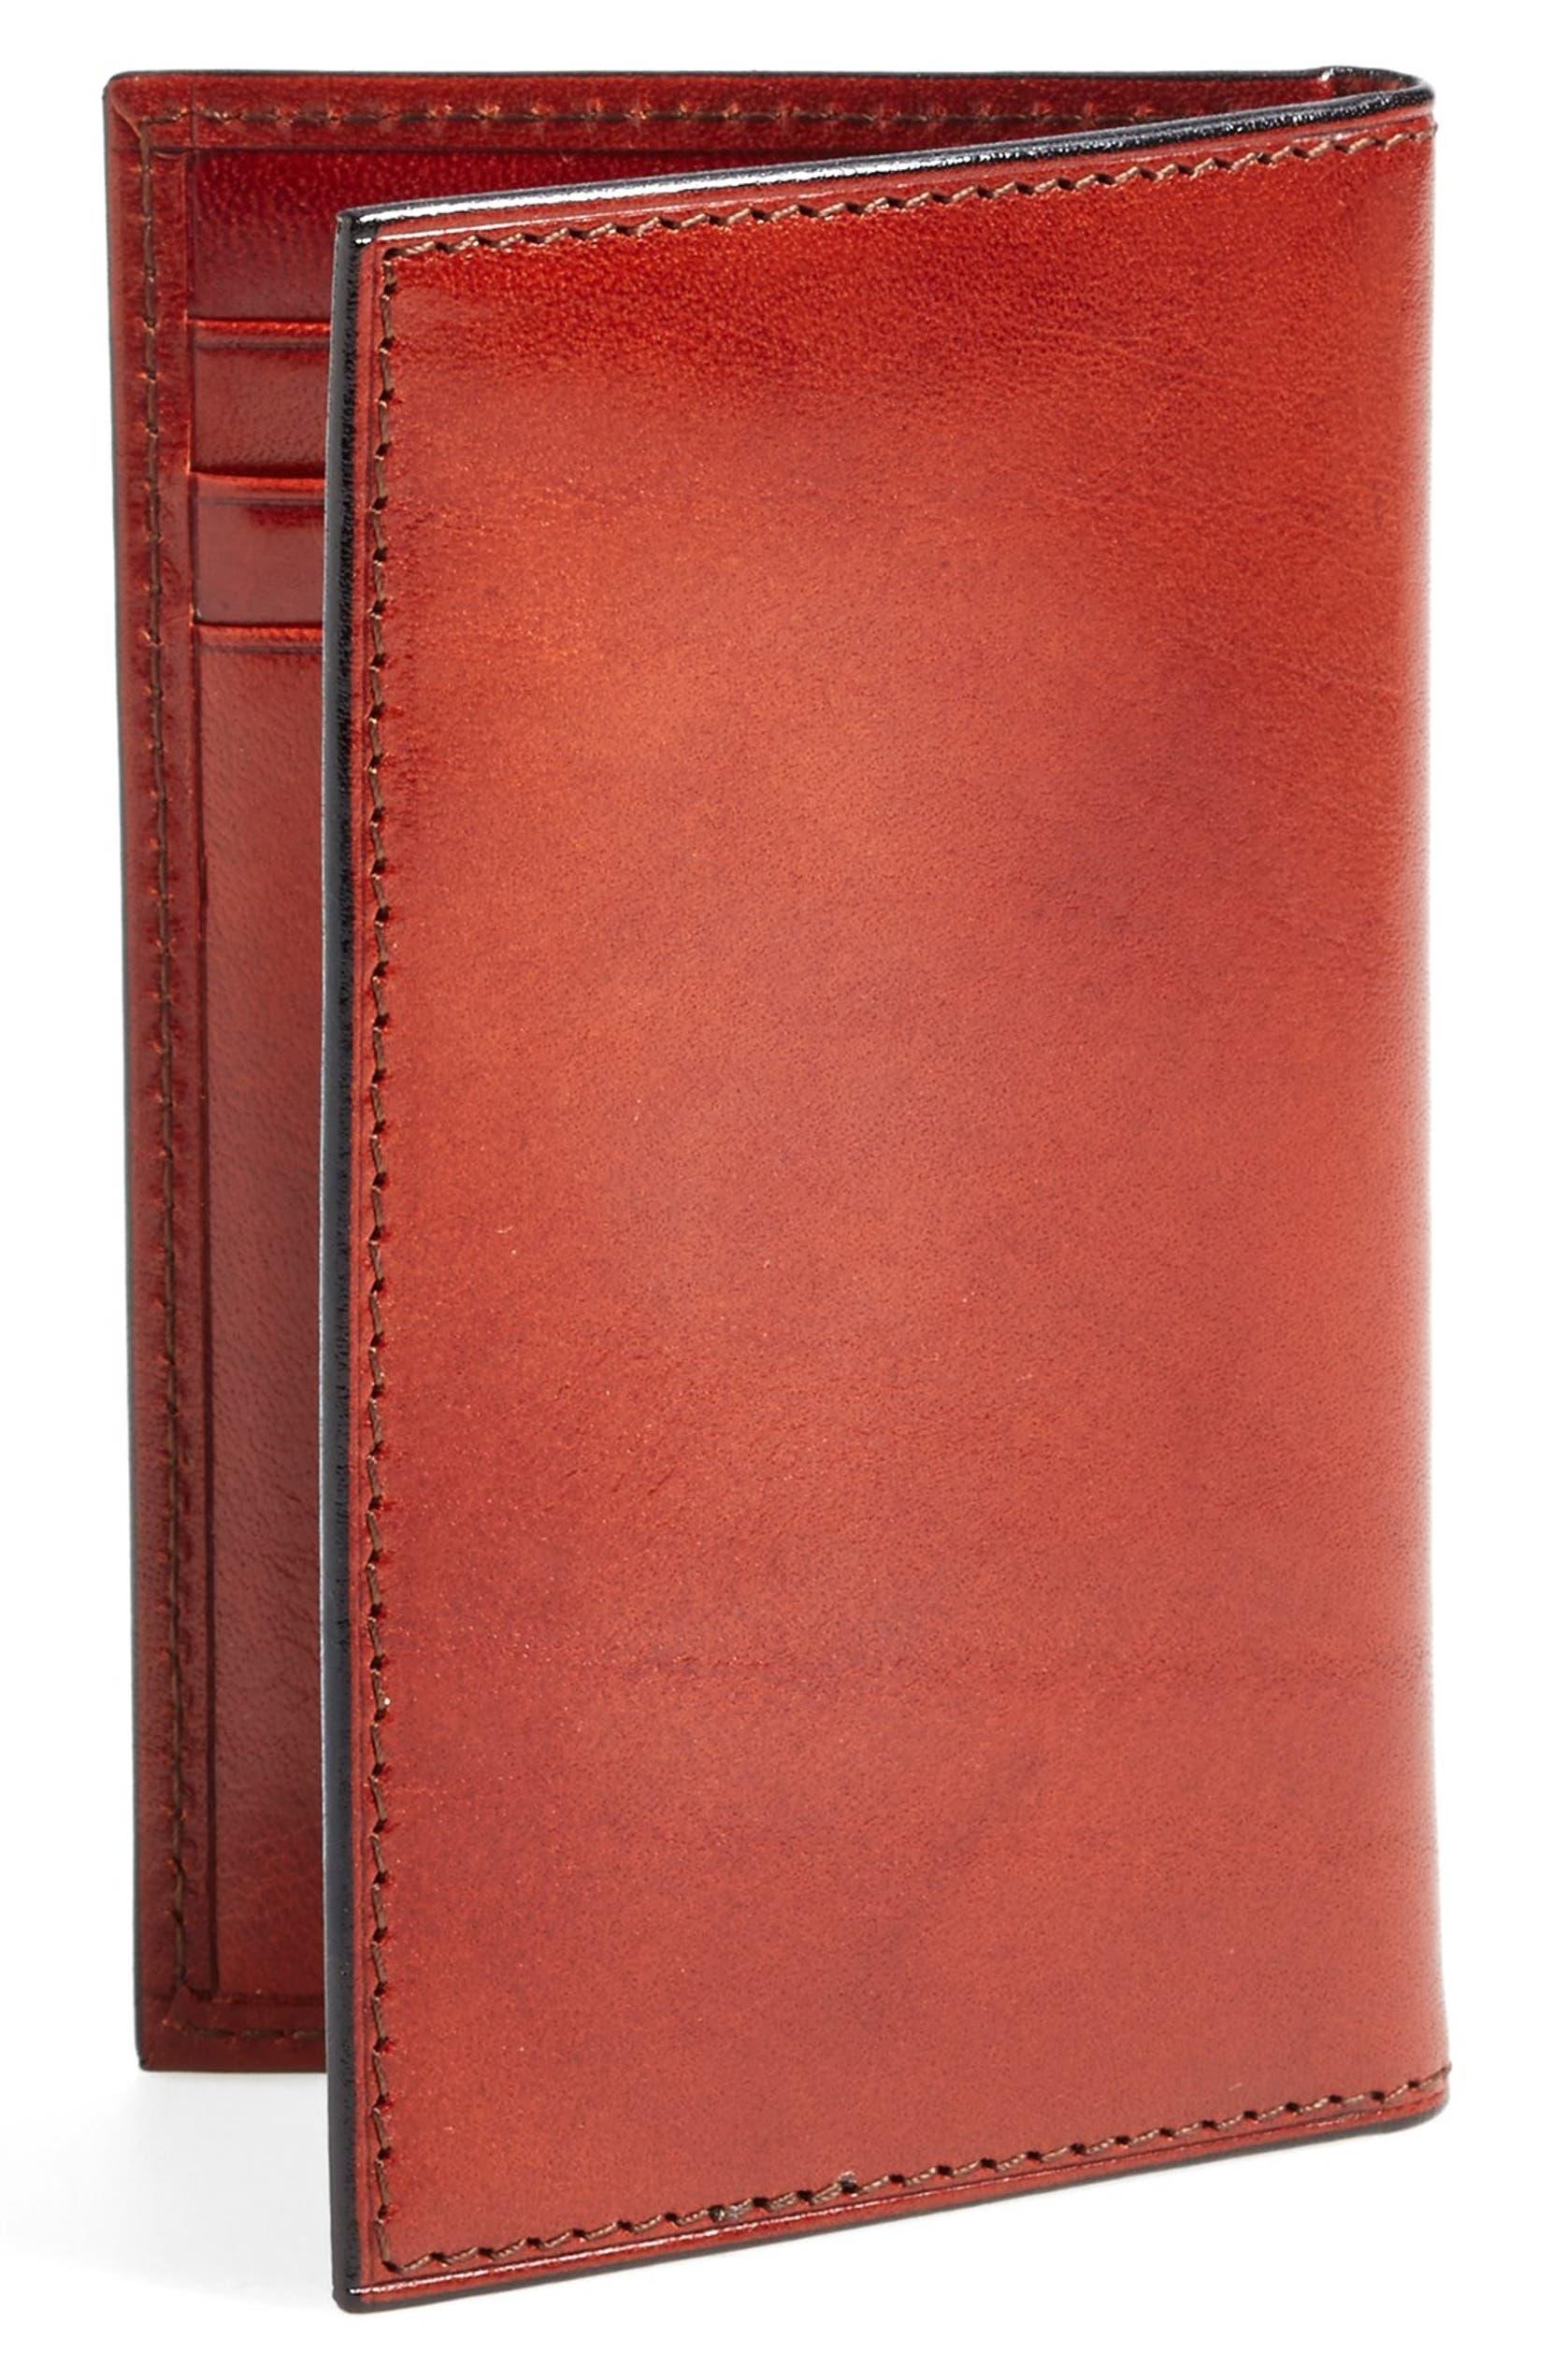 online retailer 4d7d6 fcf18 'Old Leather' Card Case